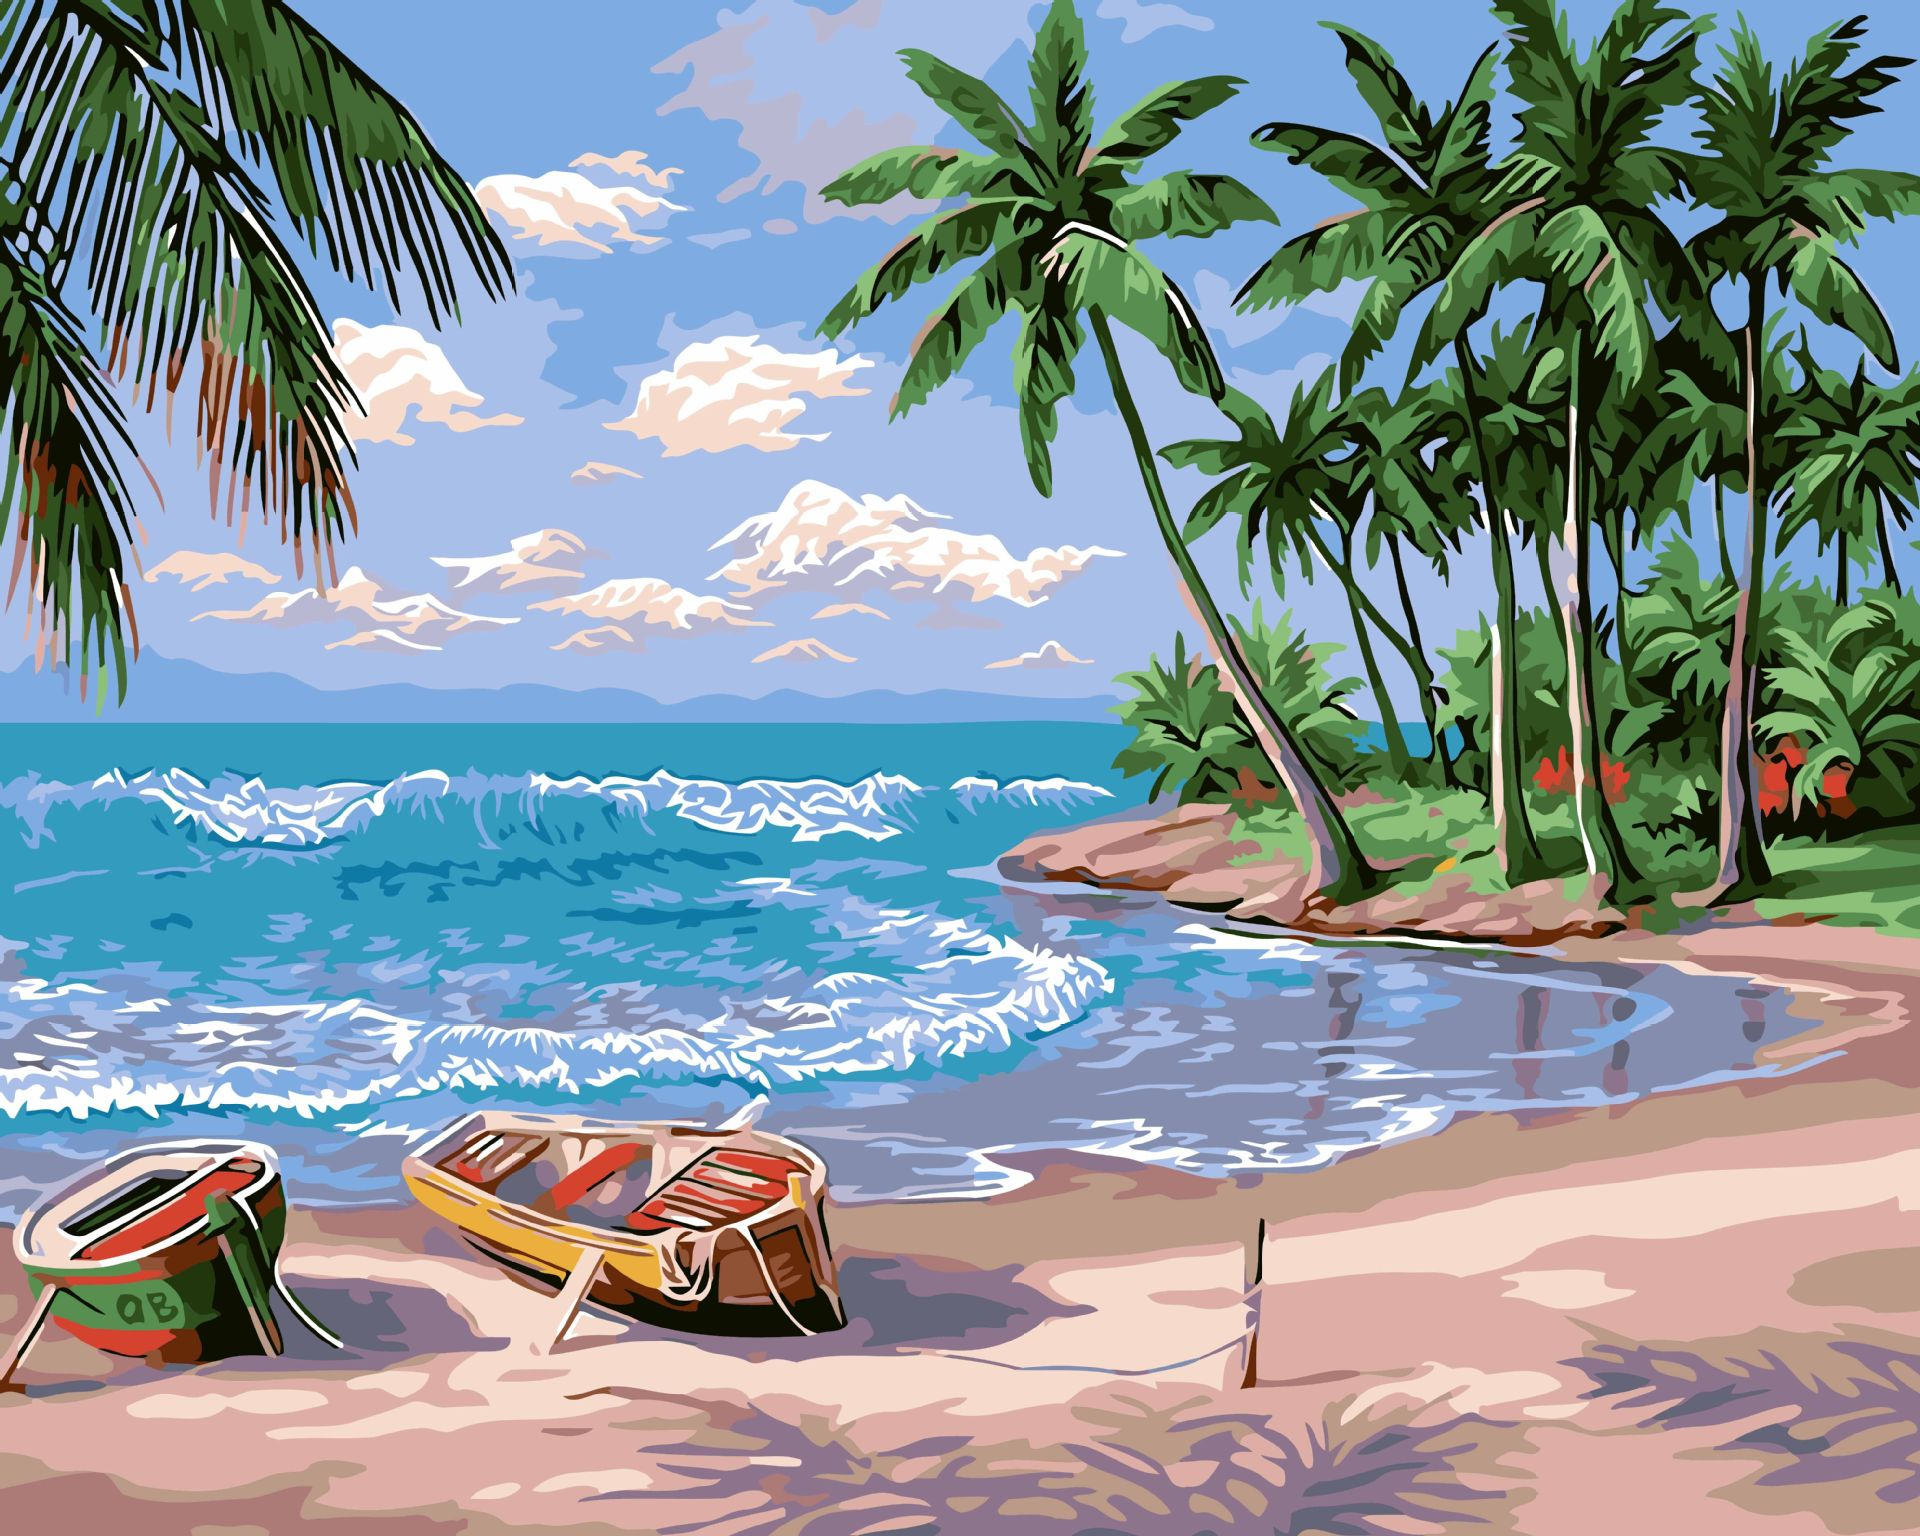 diy数字油画批发 手绘客厅风景装饰画 40*50 假日海滩